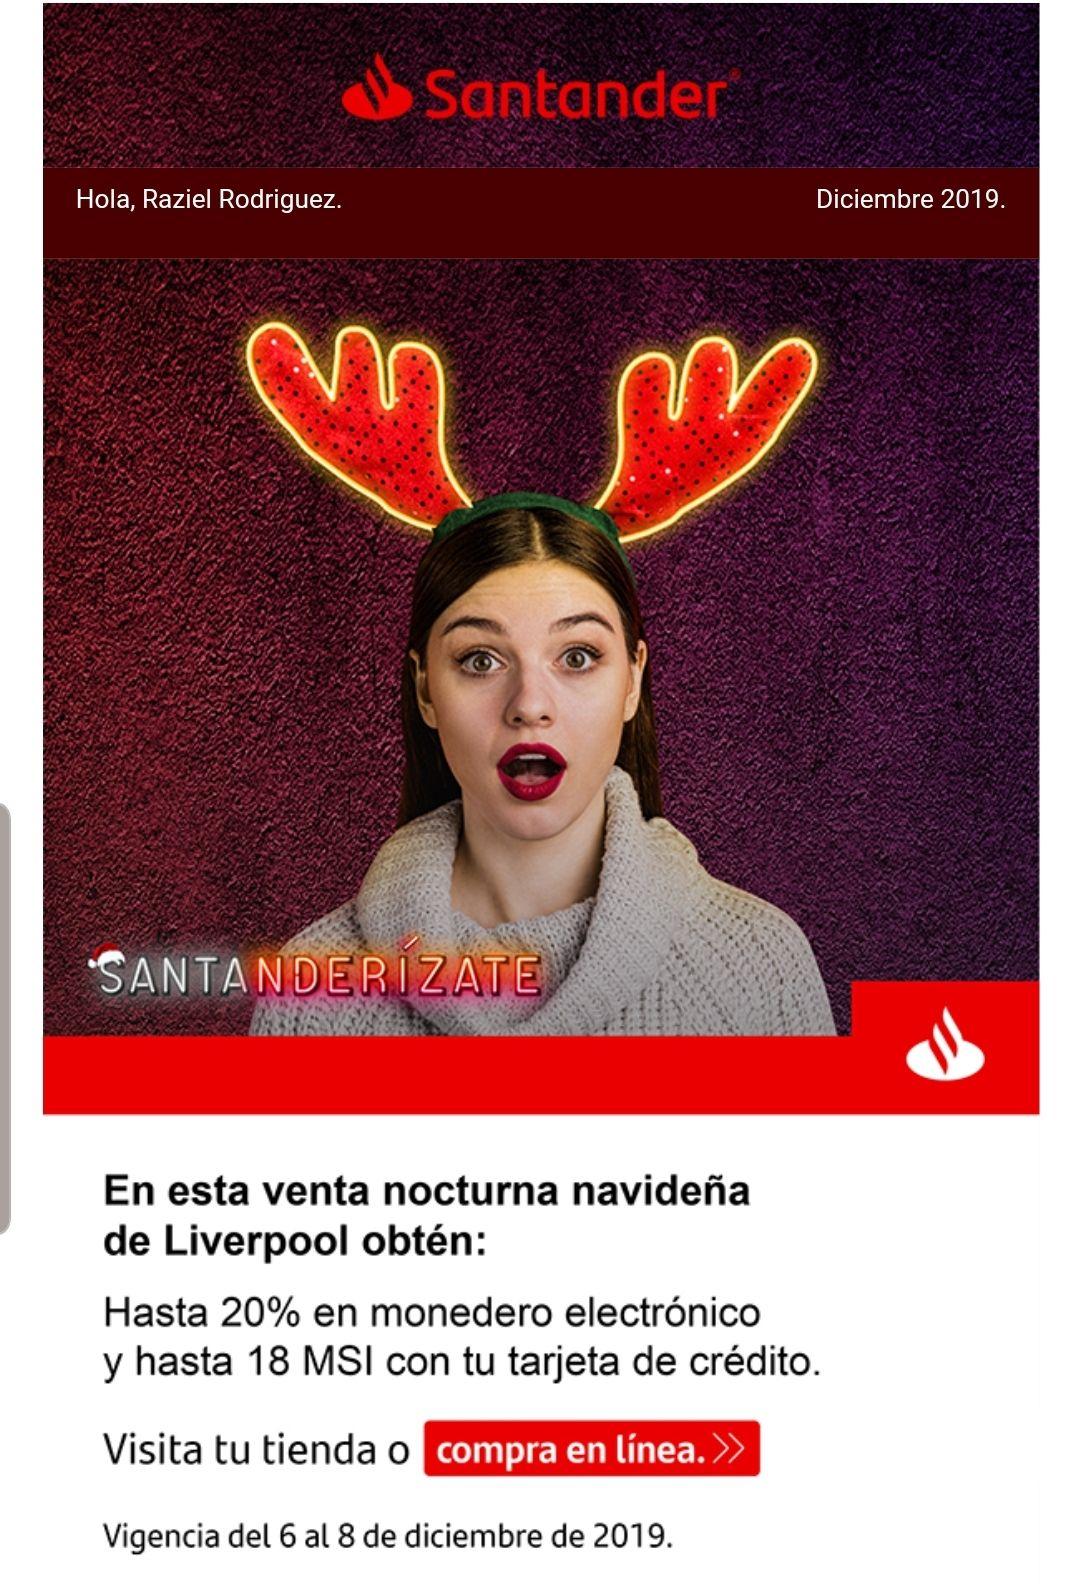 Santander + Liverpool + hasta 20% en monedero + msi